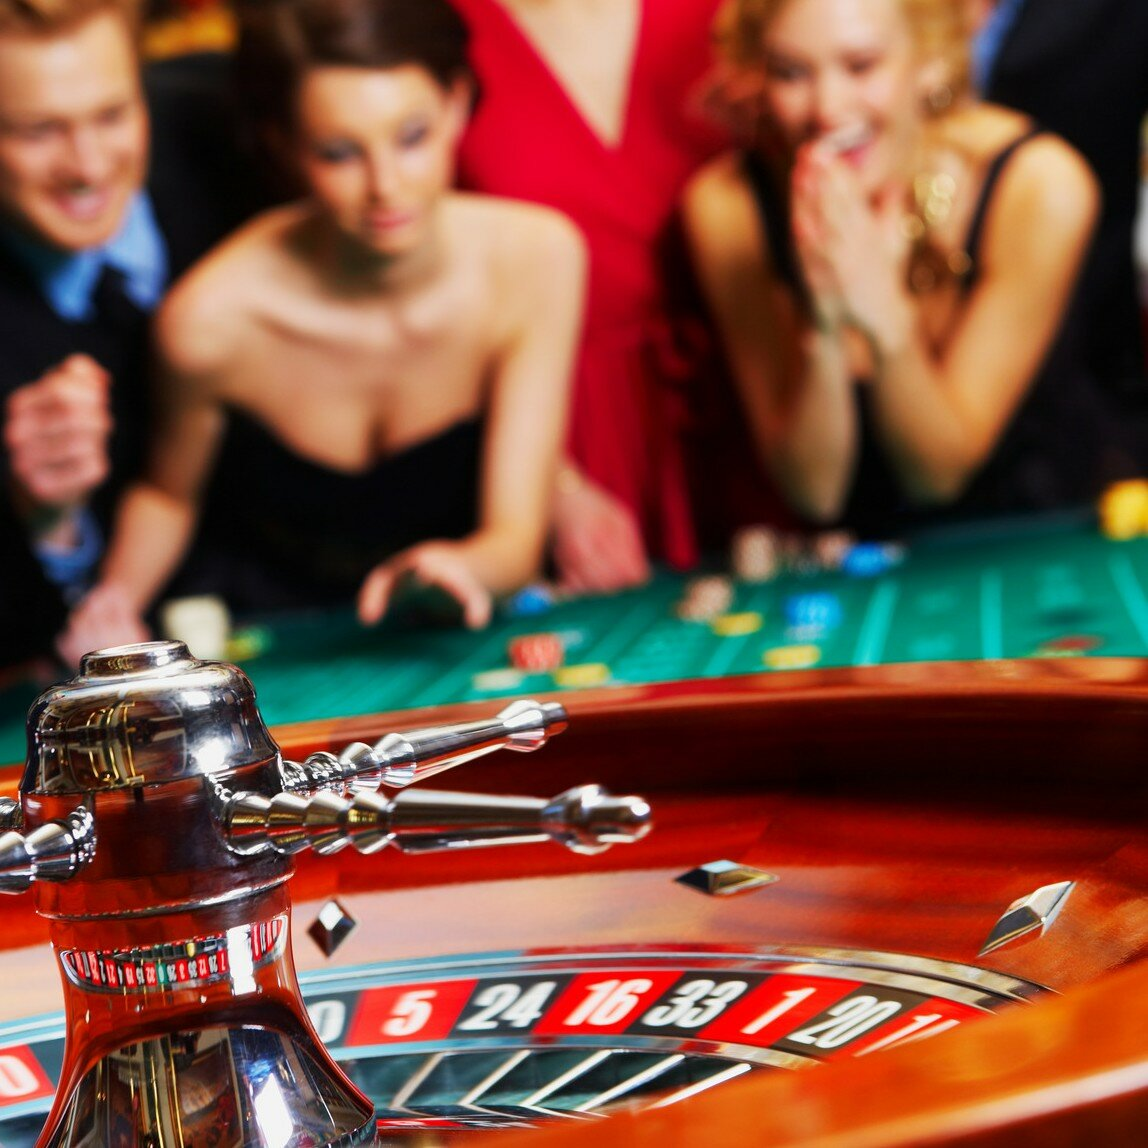 ekogra onlayn kazinolarning halolligi va ishonchliligi kafolati